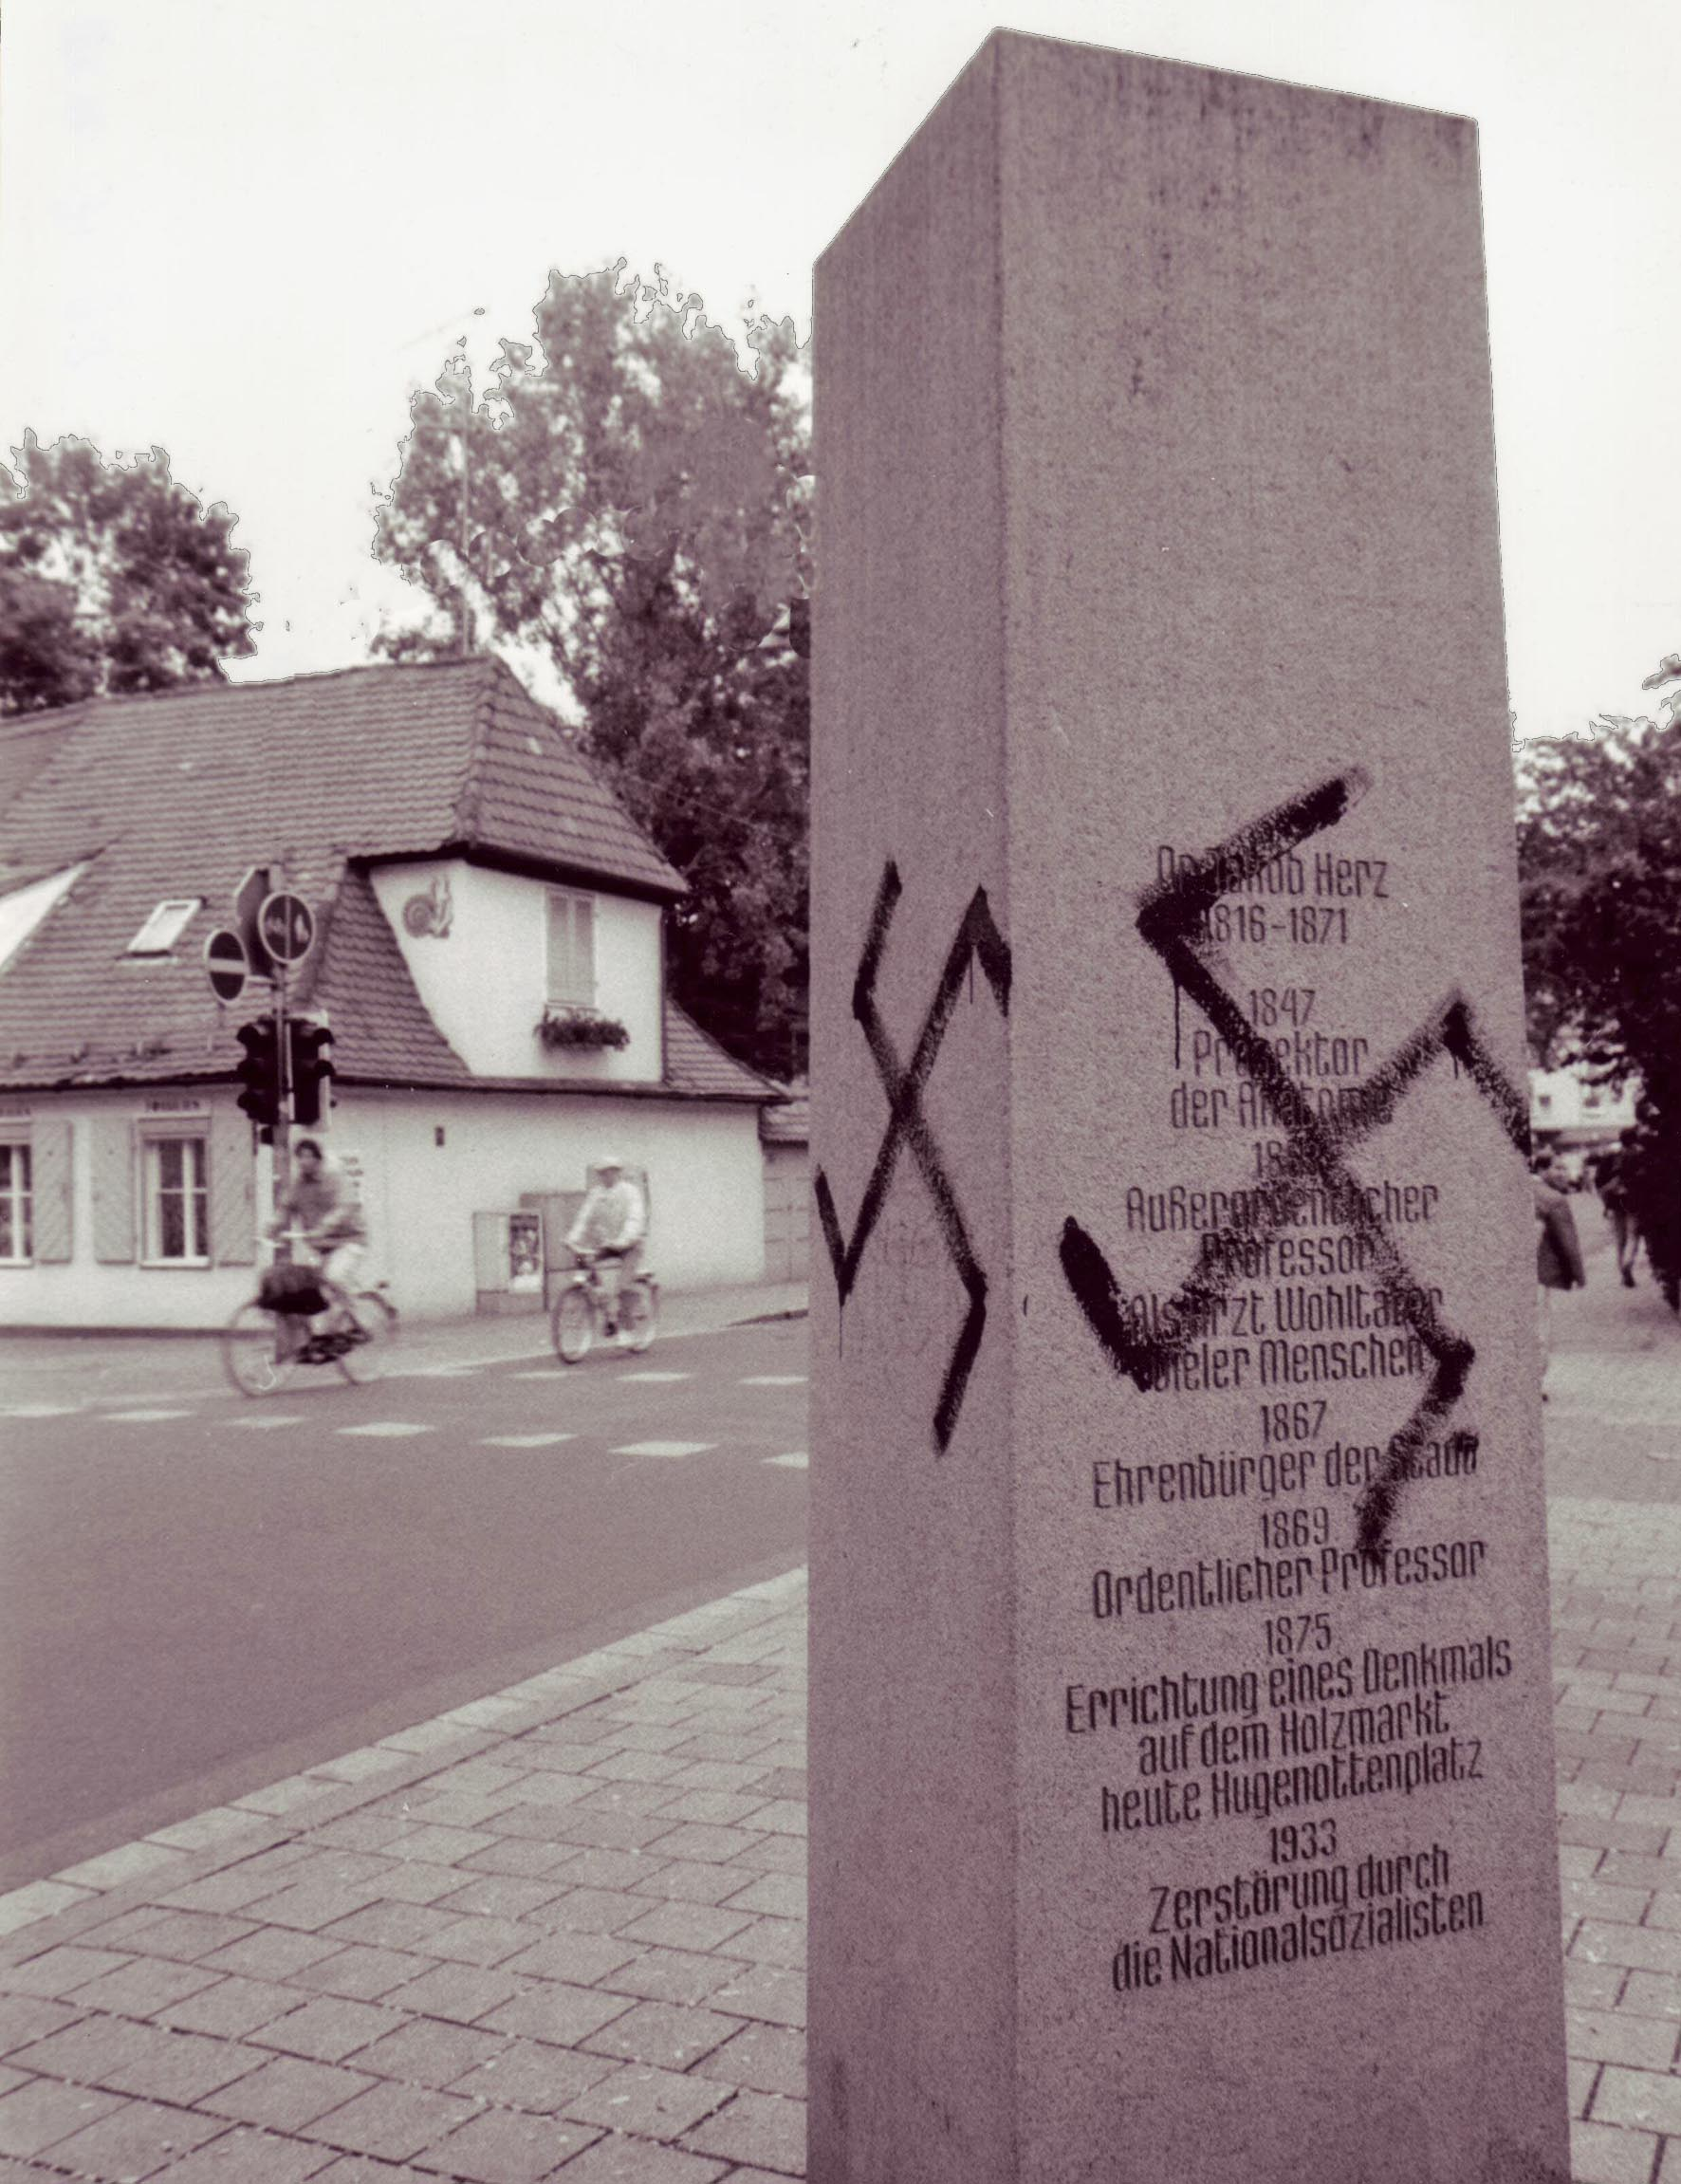 Denkmalstele in Erlangen zum Gedenken an den jüdischen Erlanger Arzt Dr. Jakob Herz, die mit einem Hakenkreuz beschmiert wurde. Foto: Axel Dorsch, im Besitz des Stadtarchivs Erlangen